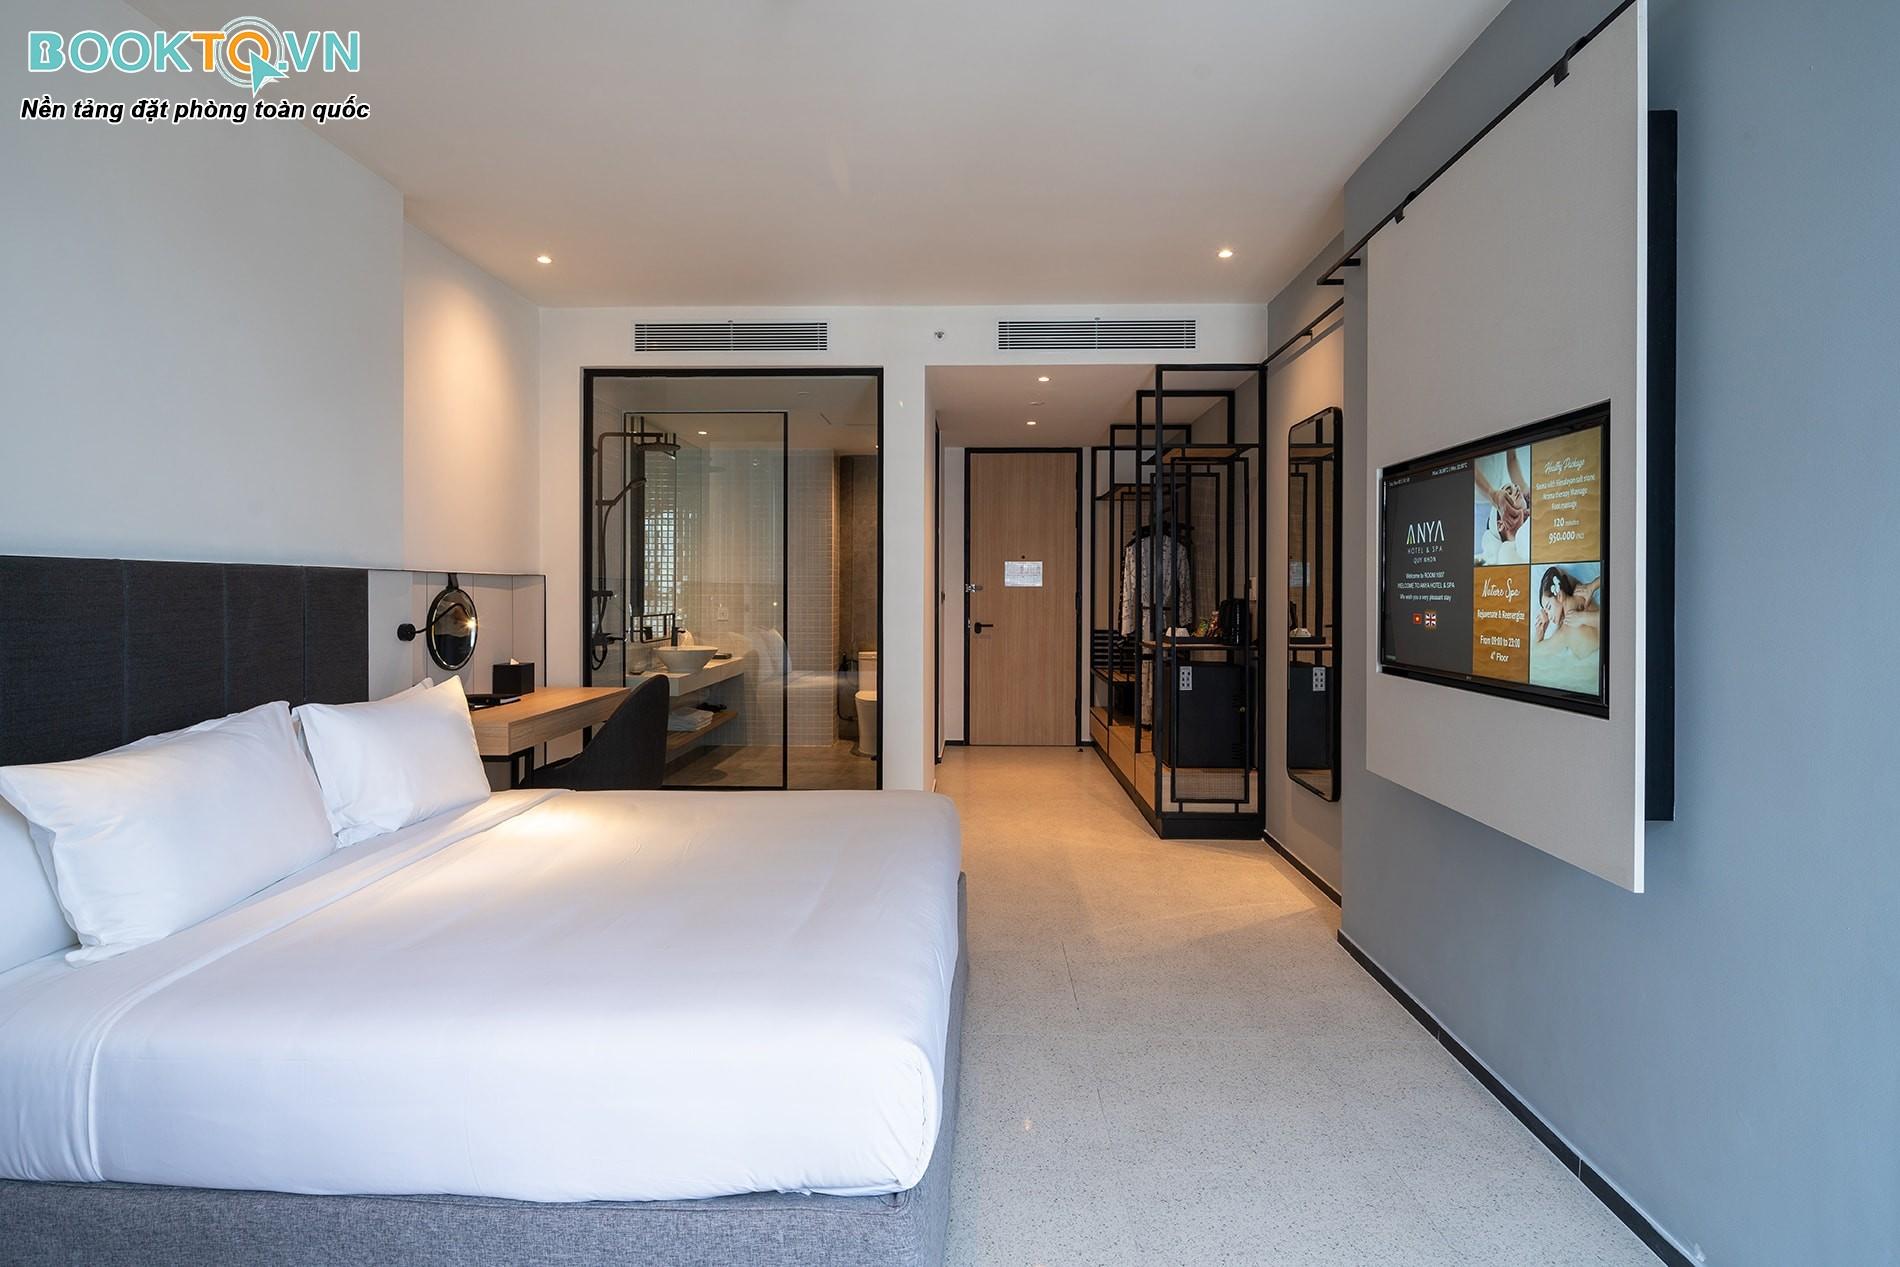 Phòng nghỉ anya hotel quy nhơn